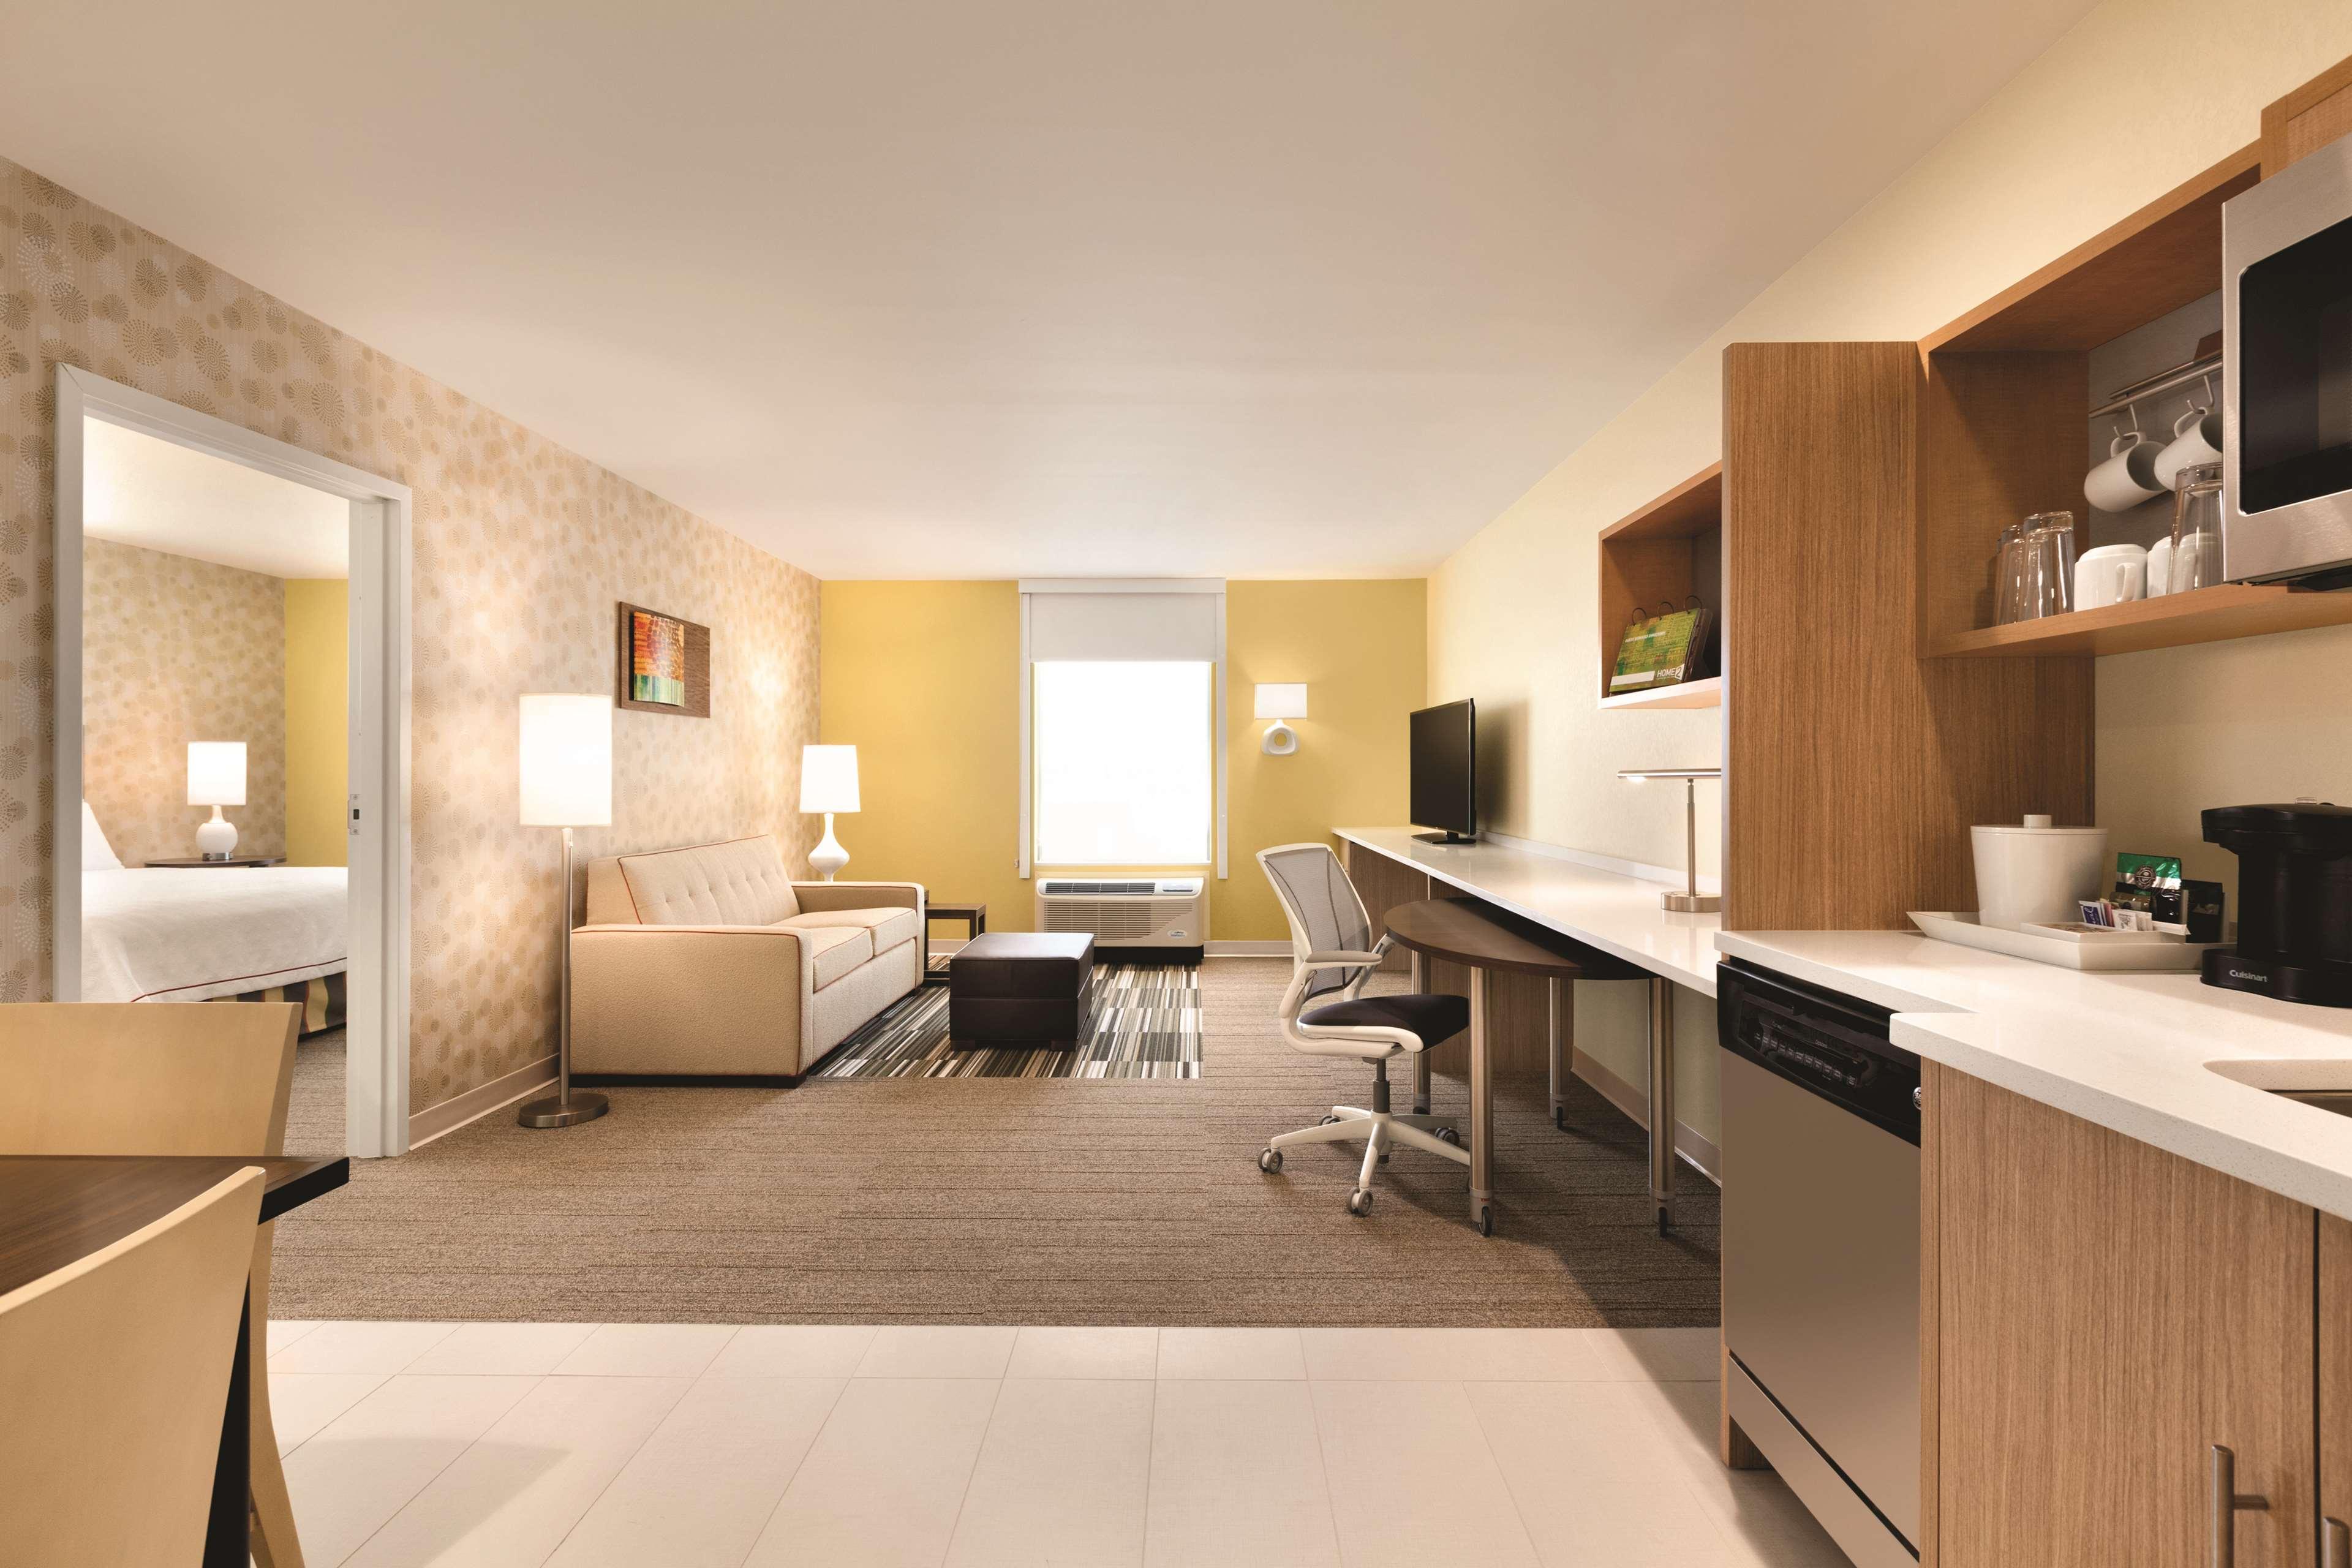 Home2 Suites by Hilton Phoenix-Tempe ASU Research Park image 26